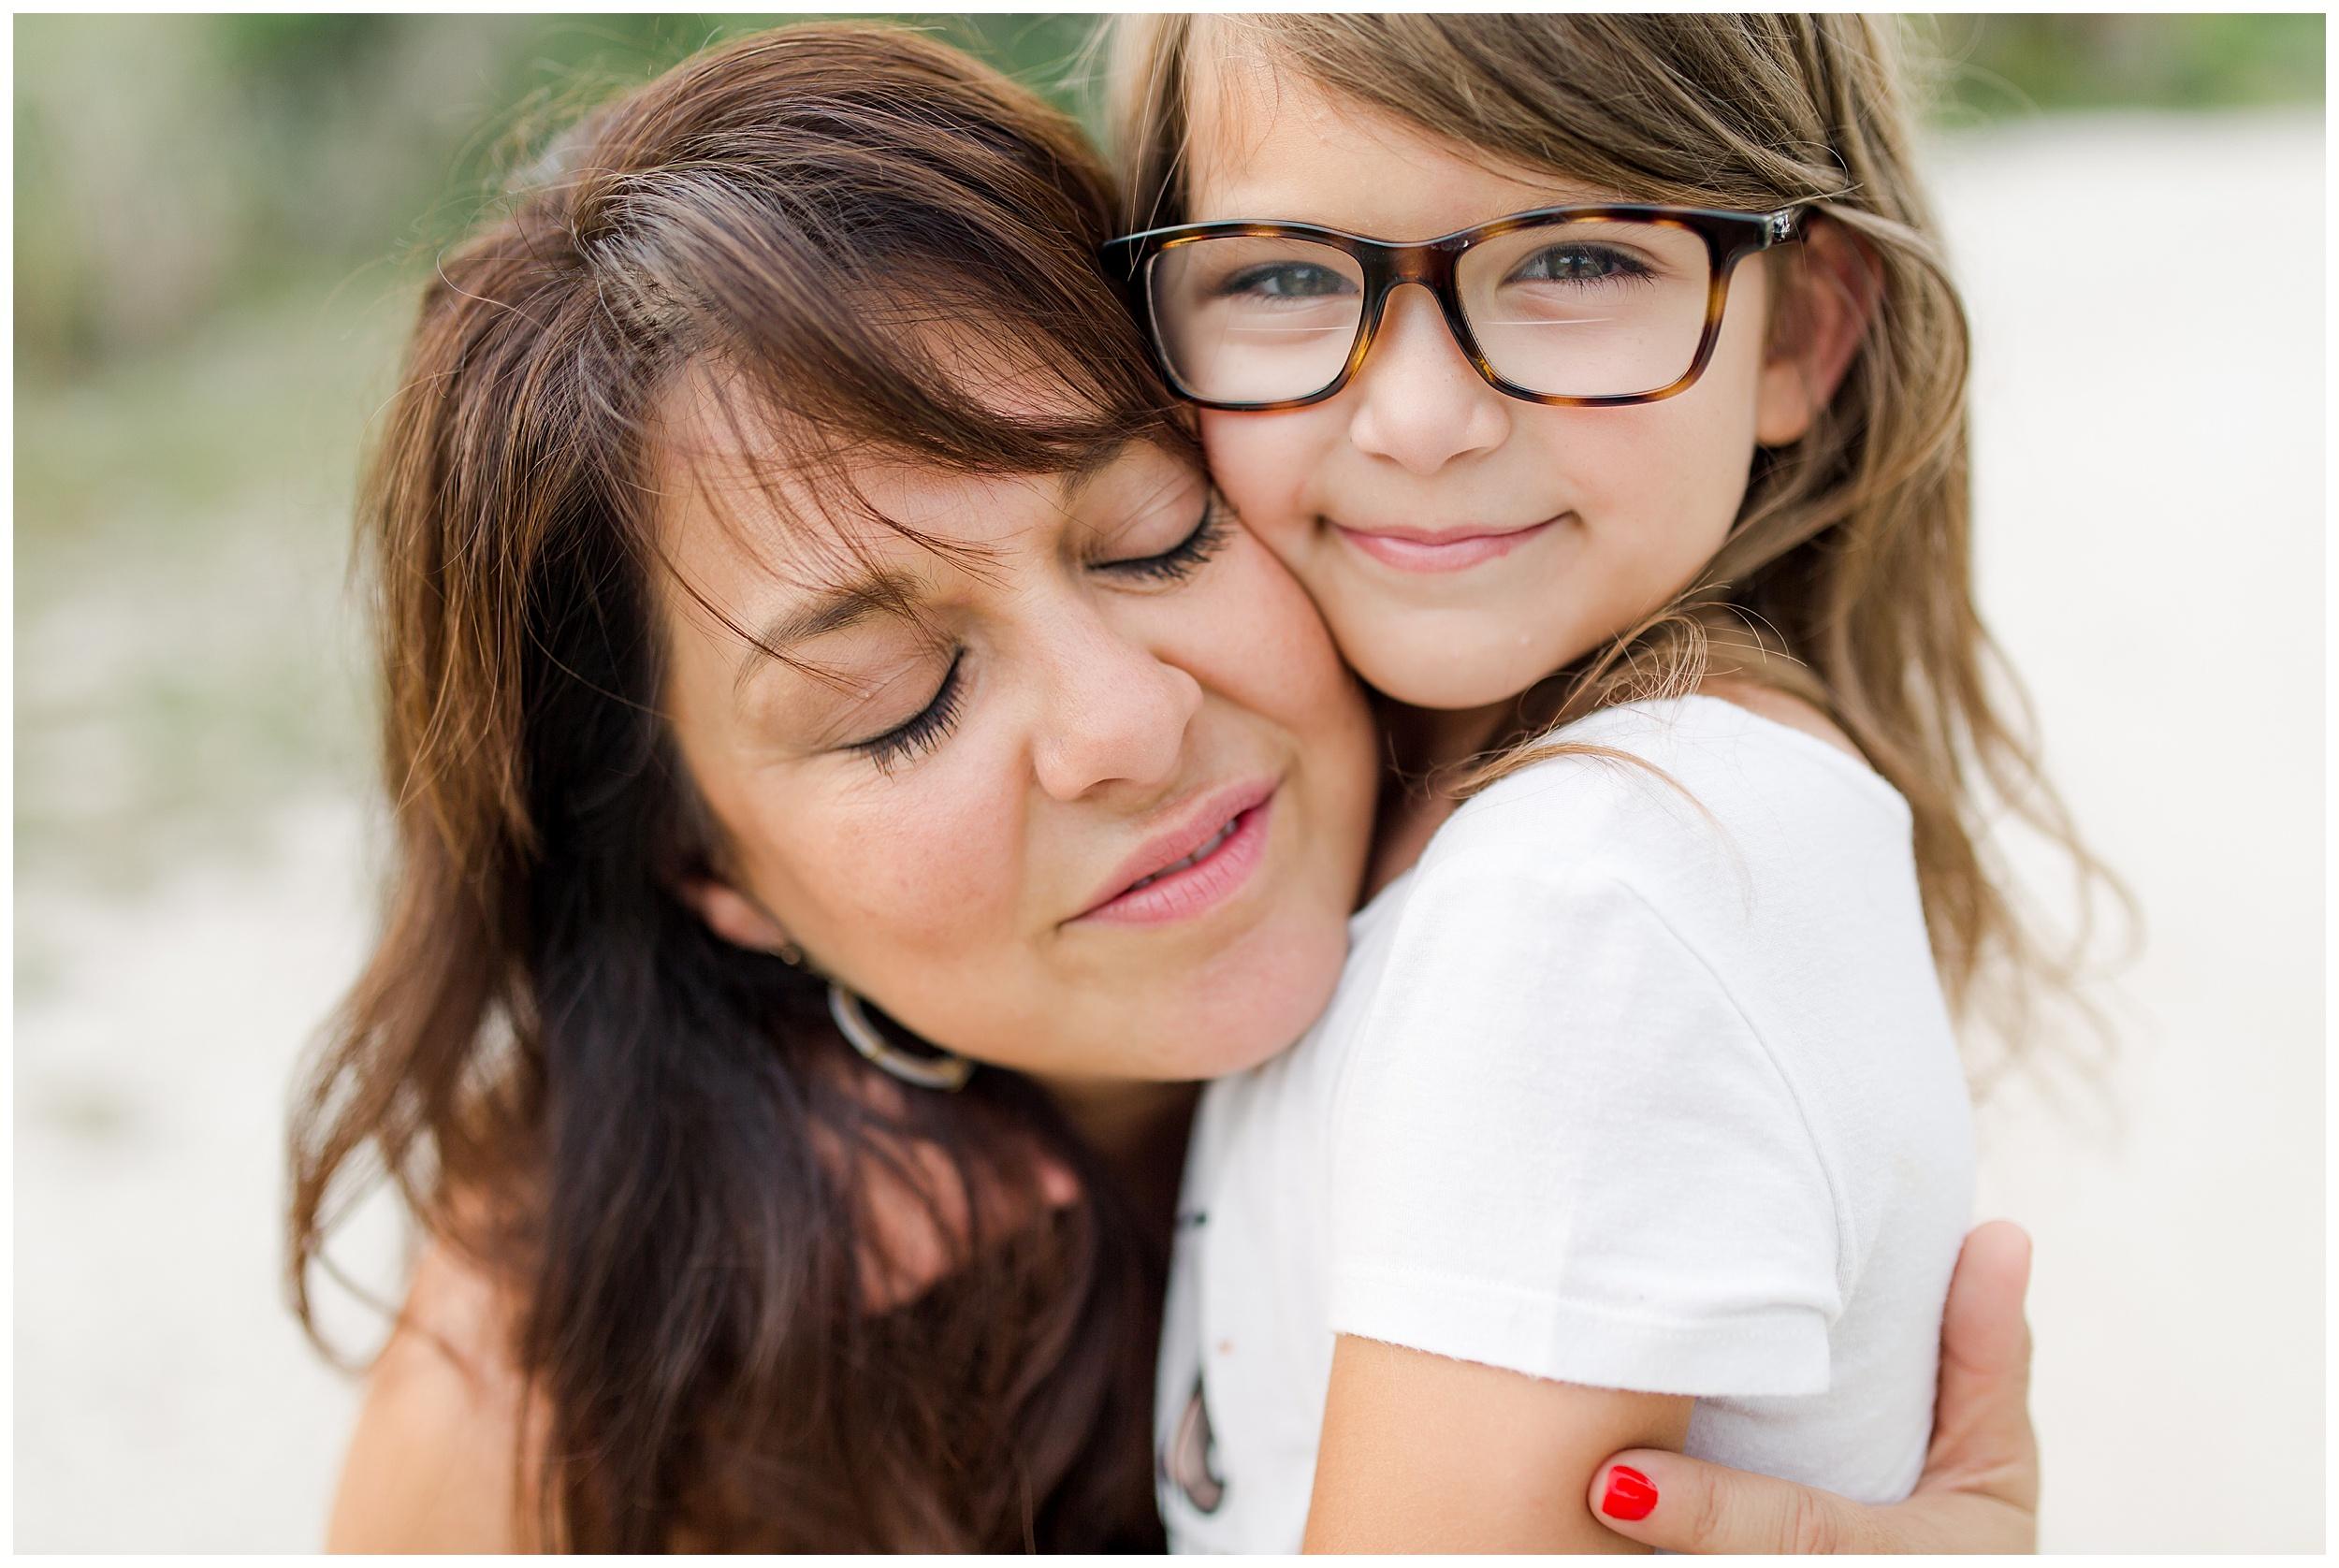 lexington-ky-family-lifestyle-photographer-priscilla-baierlein_1719.jpg